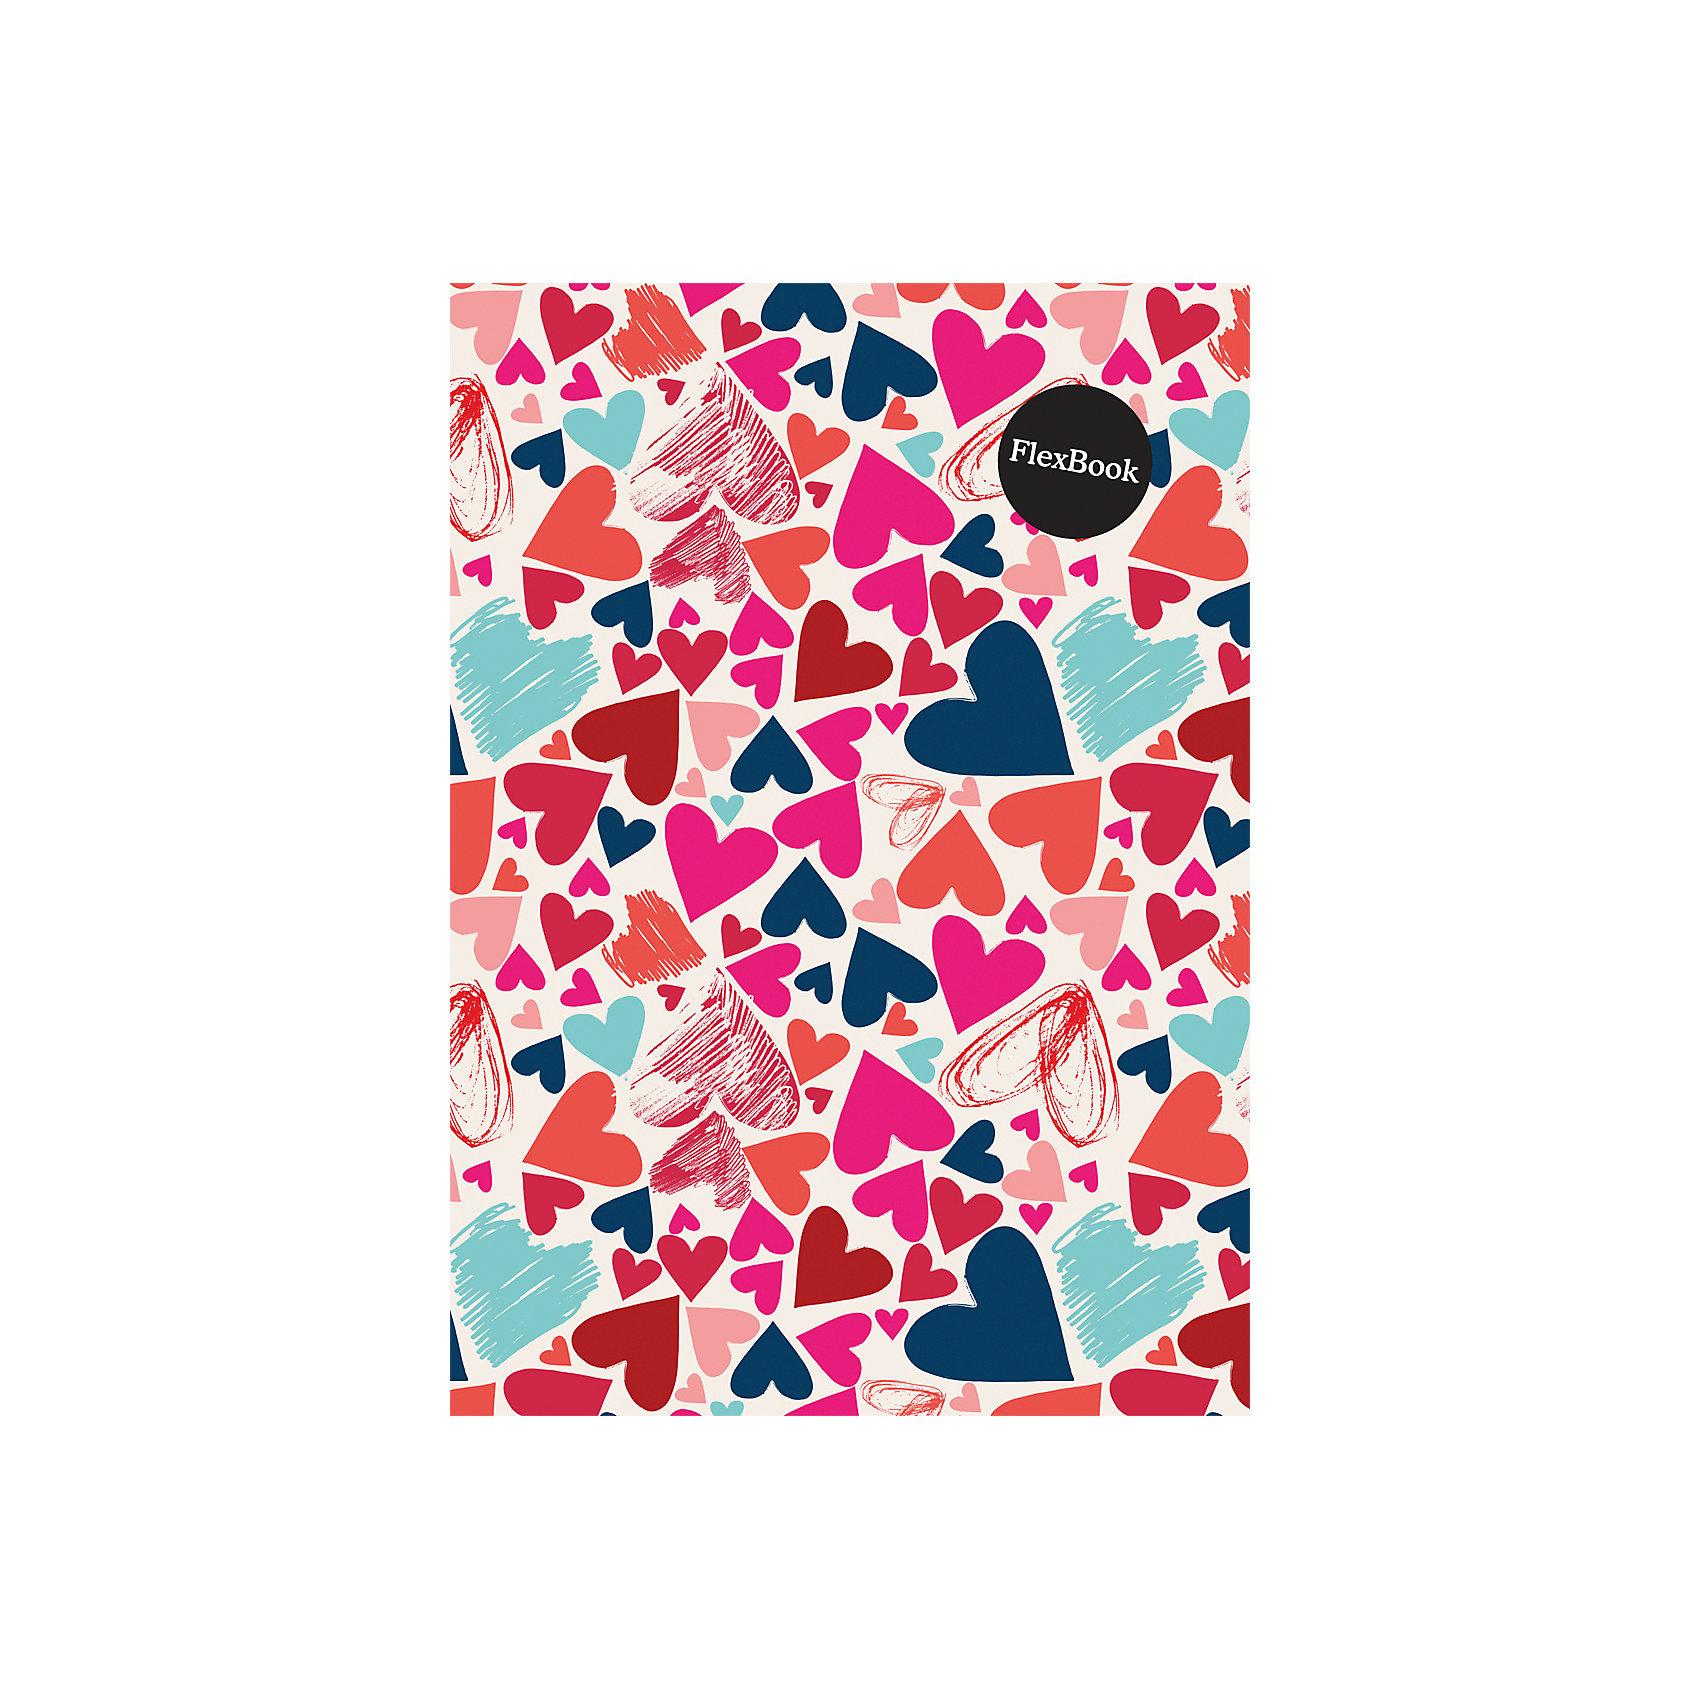 Тетрадь А4 60листов Flex Book HeartsБумажная продукция<br>Характеристики товара:<br><br>• количество листов: 60;<br>• формат: А4;<br>• линовка: клетка;<br>• возраст: от 15 лет;<br>• размер: 21х30 см;<br>• размер упаковки: 21х30х0,5 см;<br>• вес: 279 грамм.<br><br>Тетрадь Hearts отлично подойдет для студентов и учащихся старших классов. Благодаря специальной японской технологии Seihon тетрадь можно сгибать, разворачивать на 360 градусов, скручивать и складывать. Обложка из мелованного картона защитит внутренний блок и поможет продлить срок службы тетради. Подходит для левшей.<br><br>Тетрадь А4 60листов «Flex Book» Hearts можно купить в нашем интернет-магазине.<br><br>Ширина мм: 300<br>Глубина мм: 210<br>Высота мм: 5<br>Вес г: 279<br>Возраст от месяцев: 84<br>Возраст до месяцев: 2147483647<br>Пол: Унисекс<br>Возраст: Детский<br>SKU: 7029921